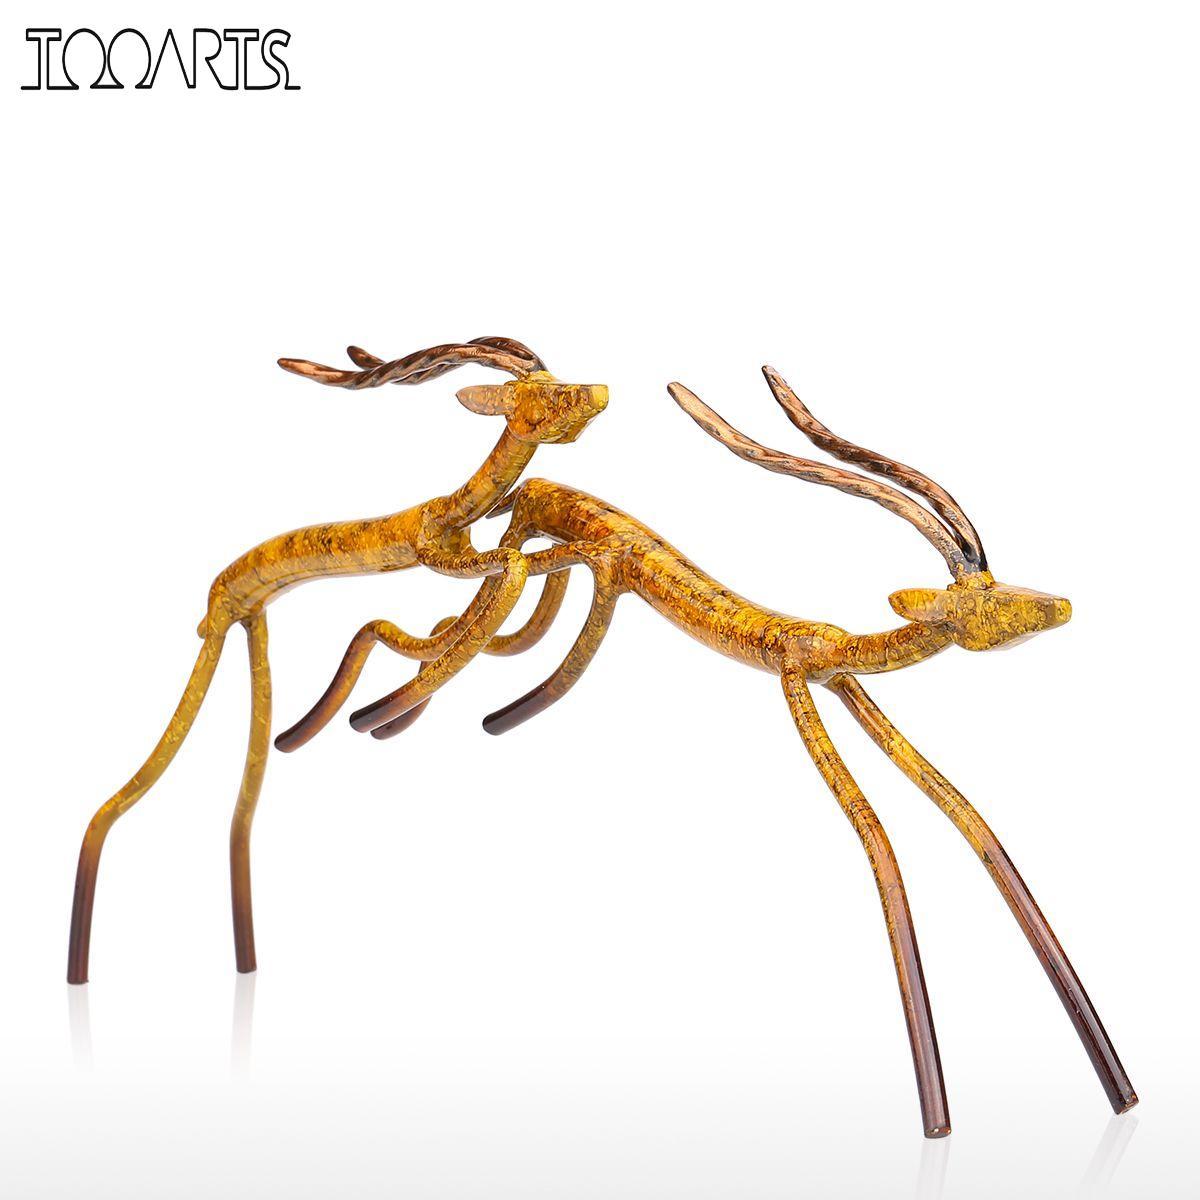 Tooarts 2 tipuri sărind antilopă Figurină Figurină de fier Figură decorativă la domiciliu Meșteșuguri Metal Animal Artizanat cadou pentru birou de acasă